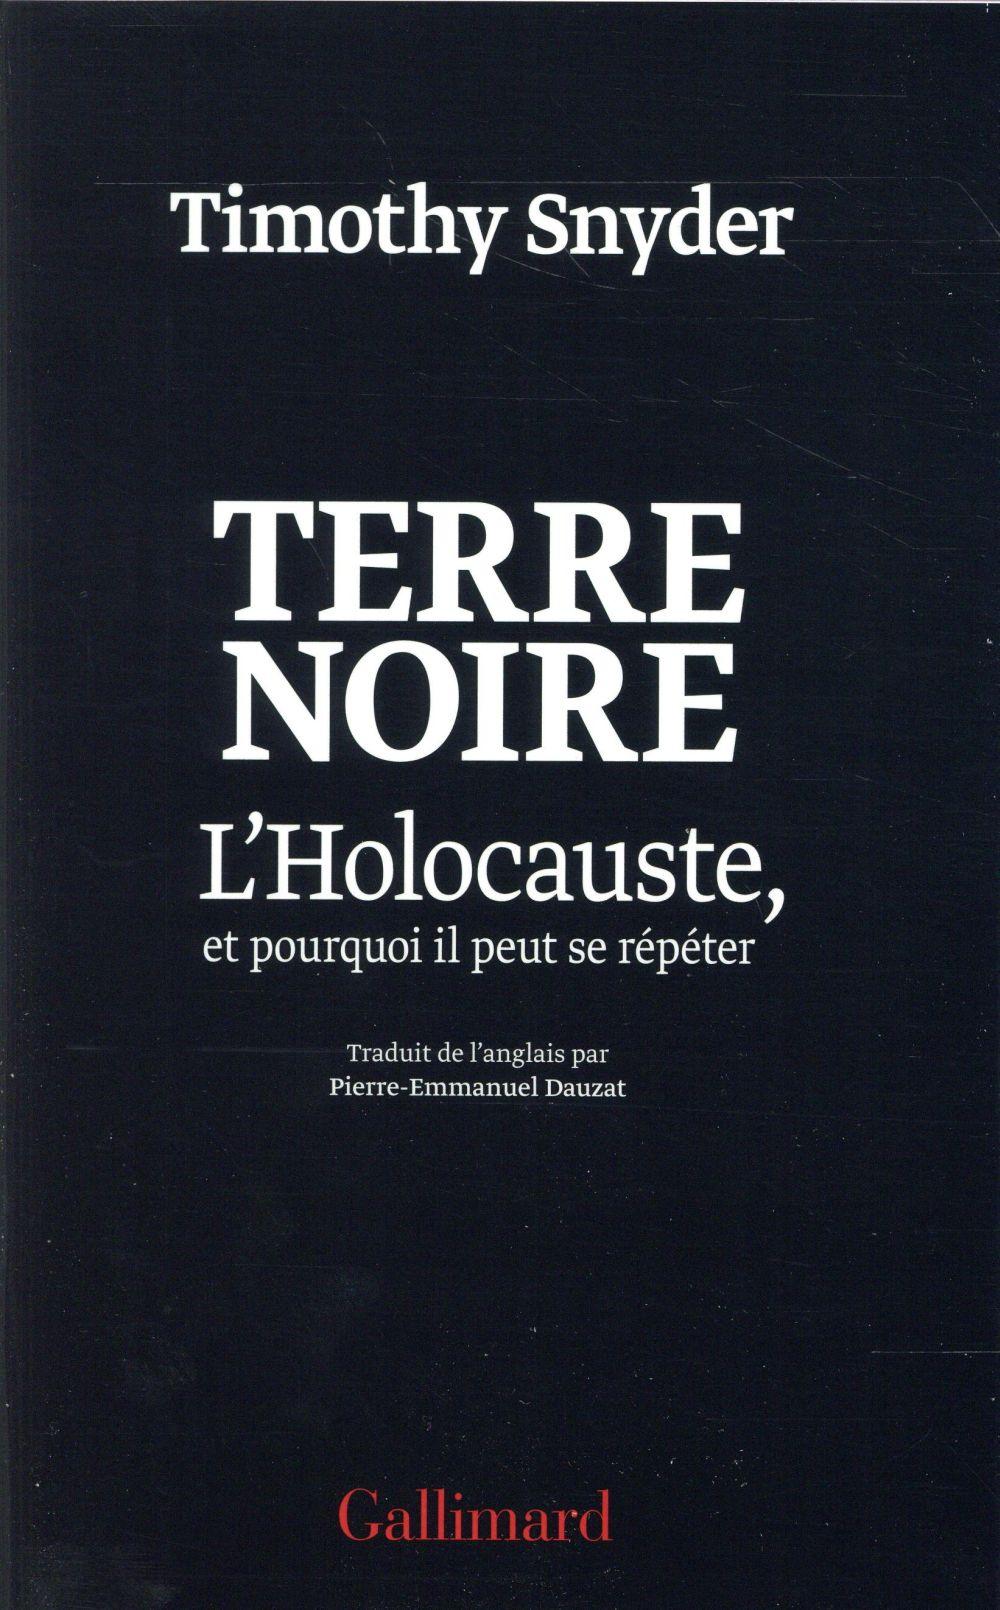 TERRE NOIRE : L'HOLOCAUSTE ET POURQUOI IL PEUT SE REPETER